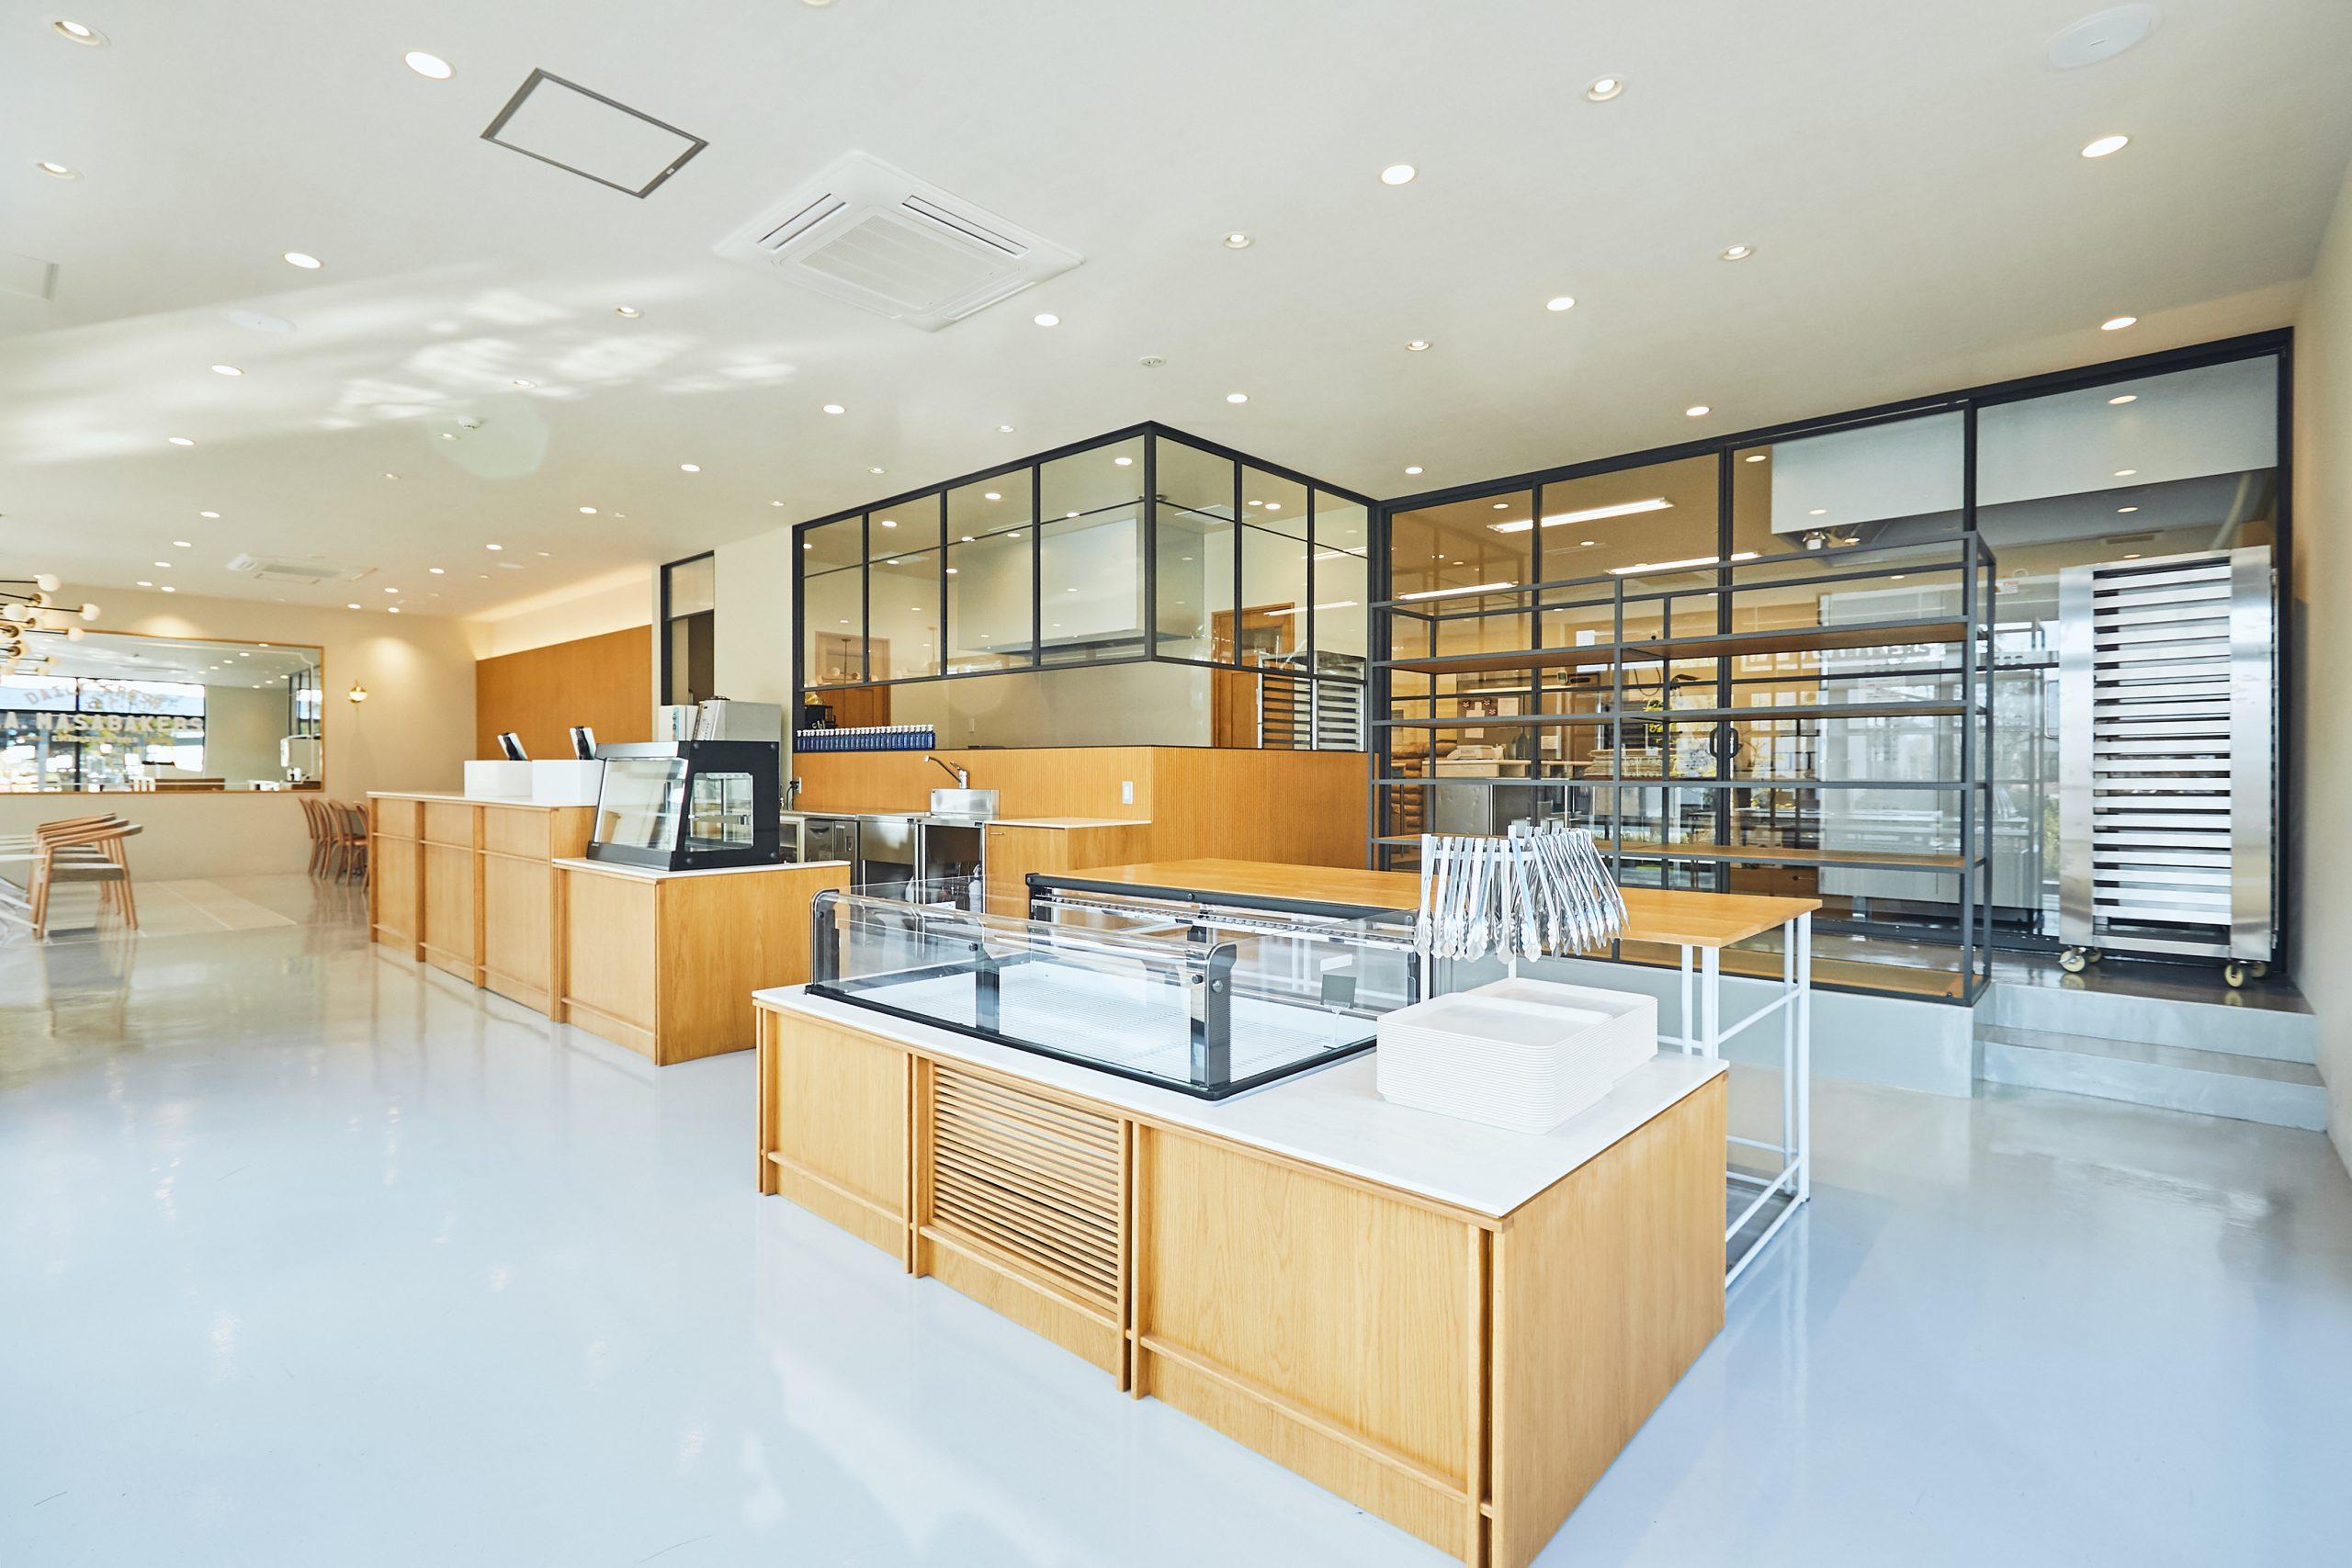 岡山市_レストラン_L.A.MASABAKERSの内装01